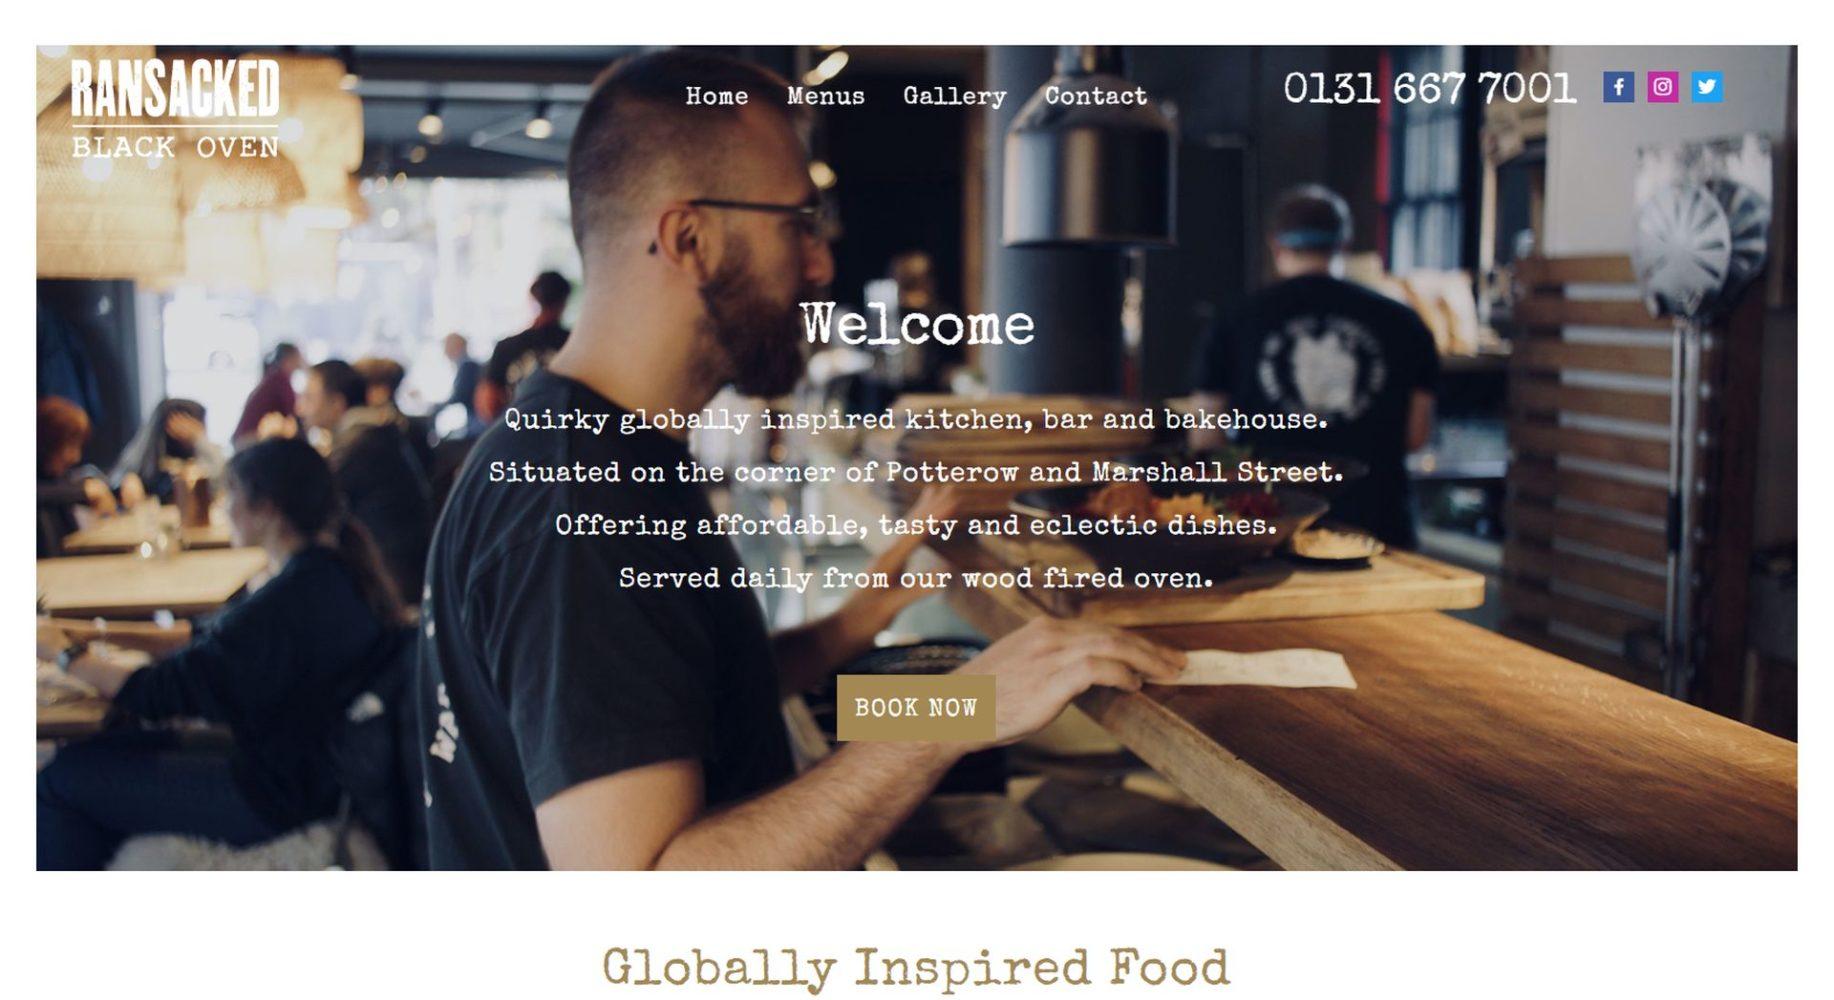 Ransacked Black Oven Website Design Header